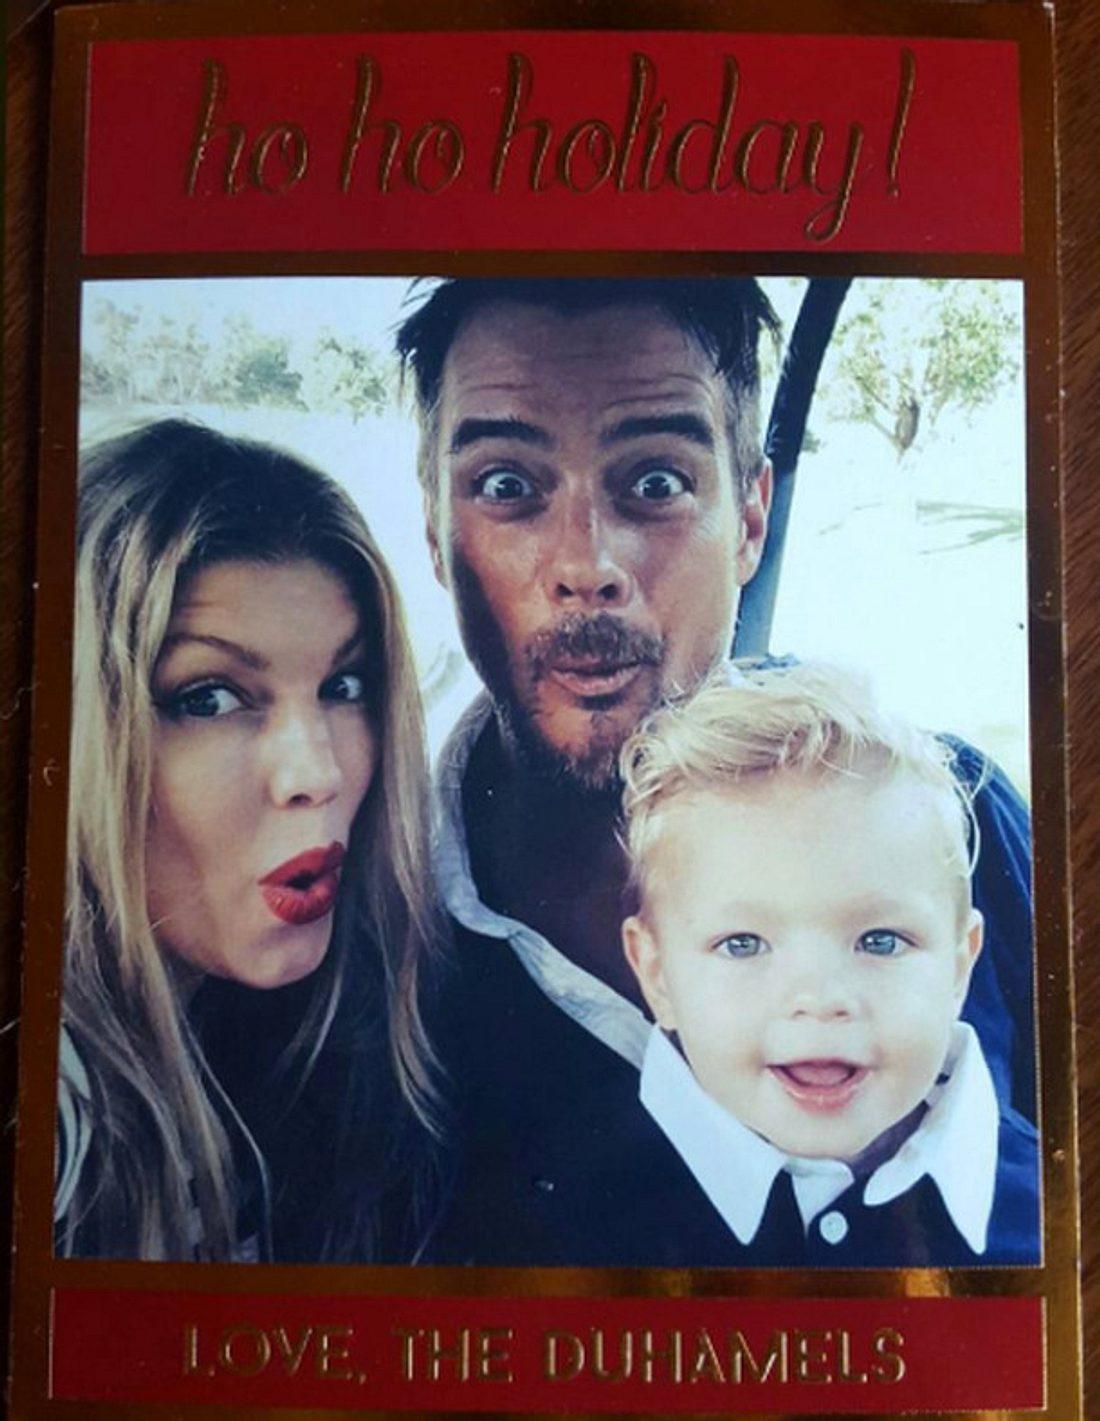 Diese süße Weihnachtskarte verschickten Fergie und Josh Duhamel letztes Weihnachten